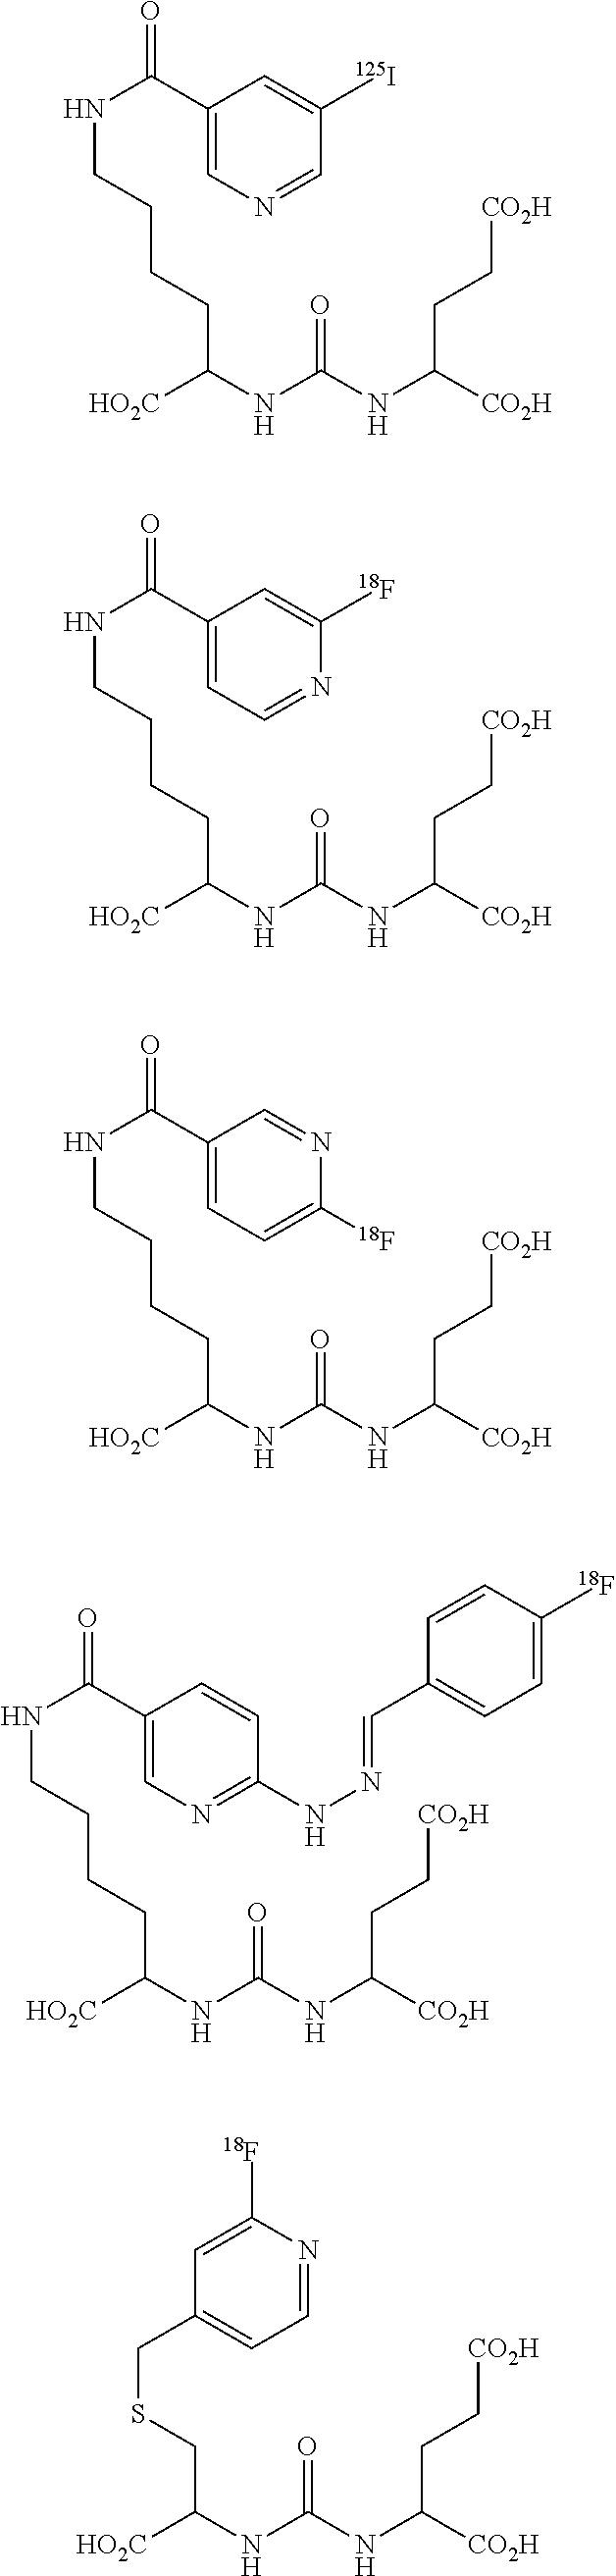 Figure US09861713-20180109-C00020